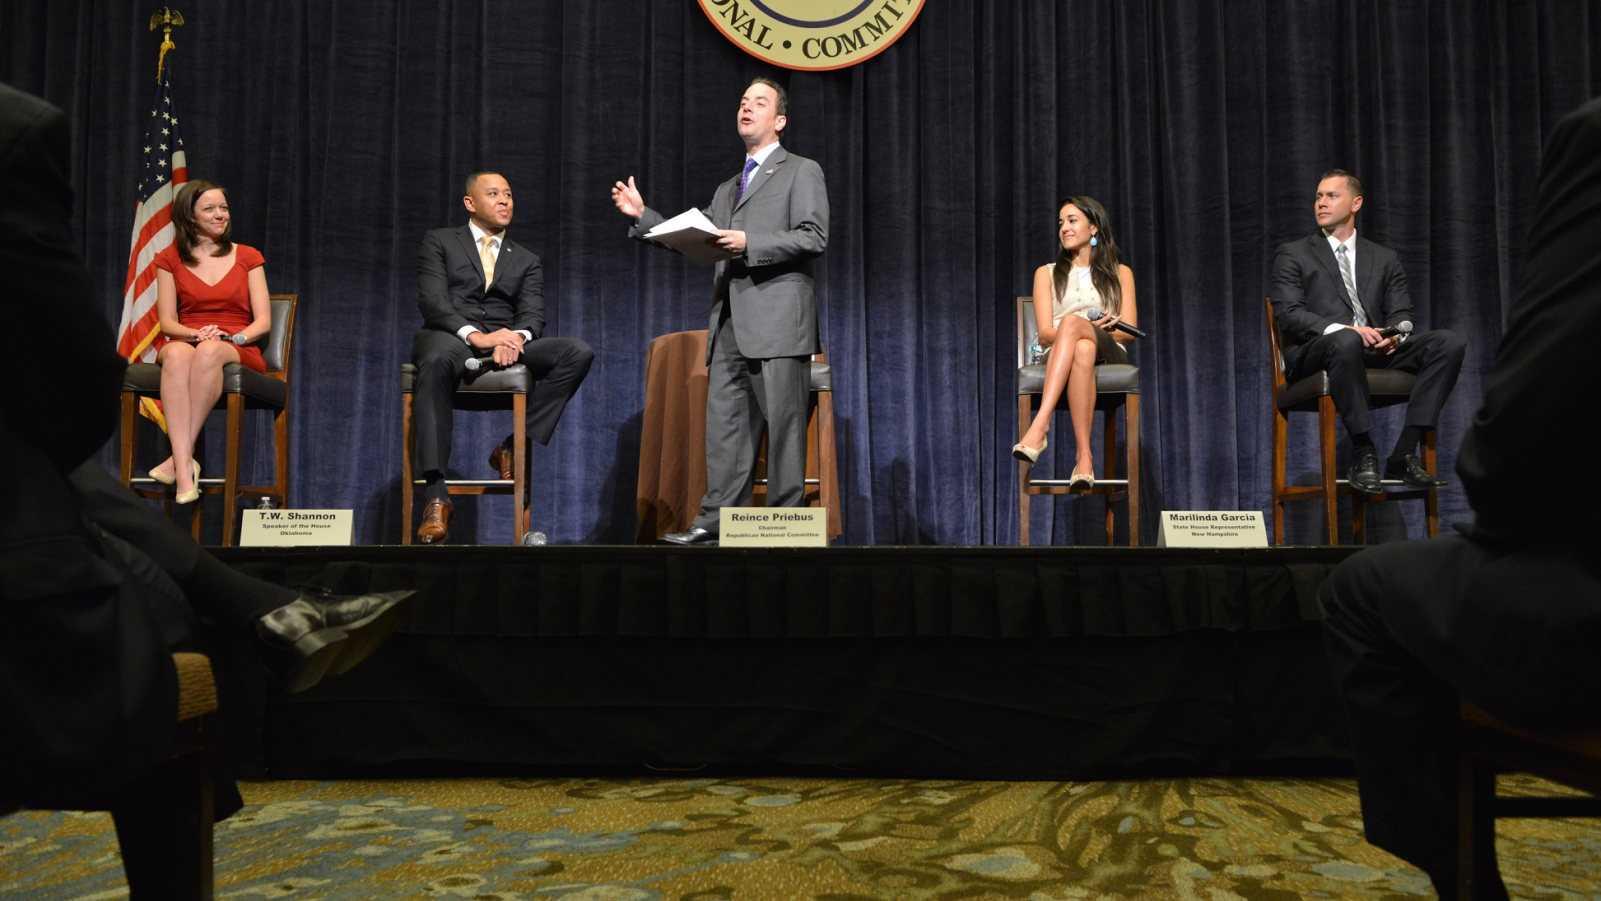 RNC Committee meeting Boston AP.jpg